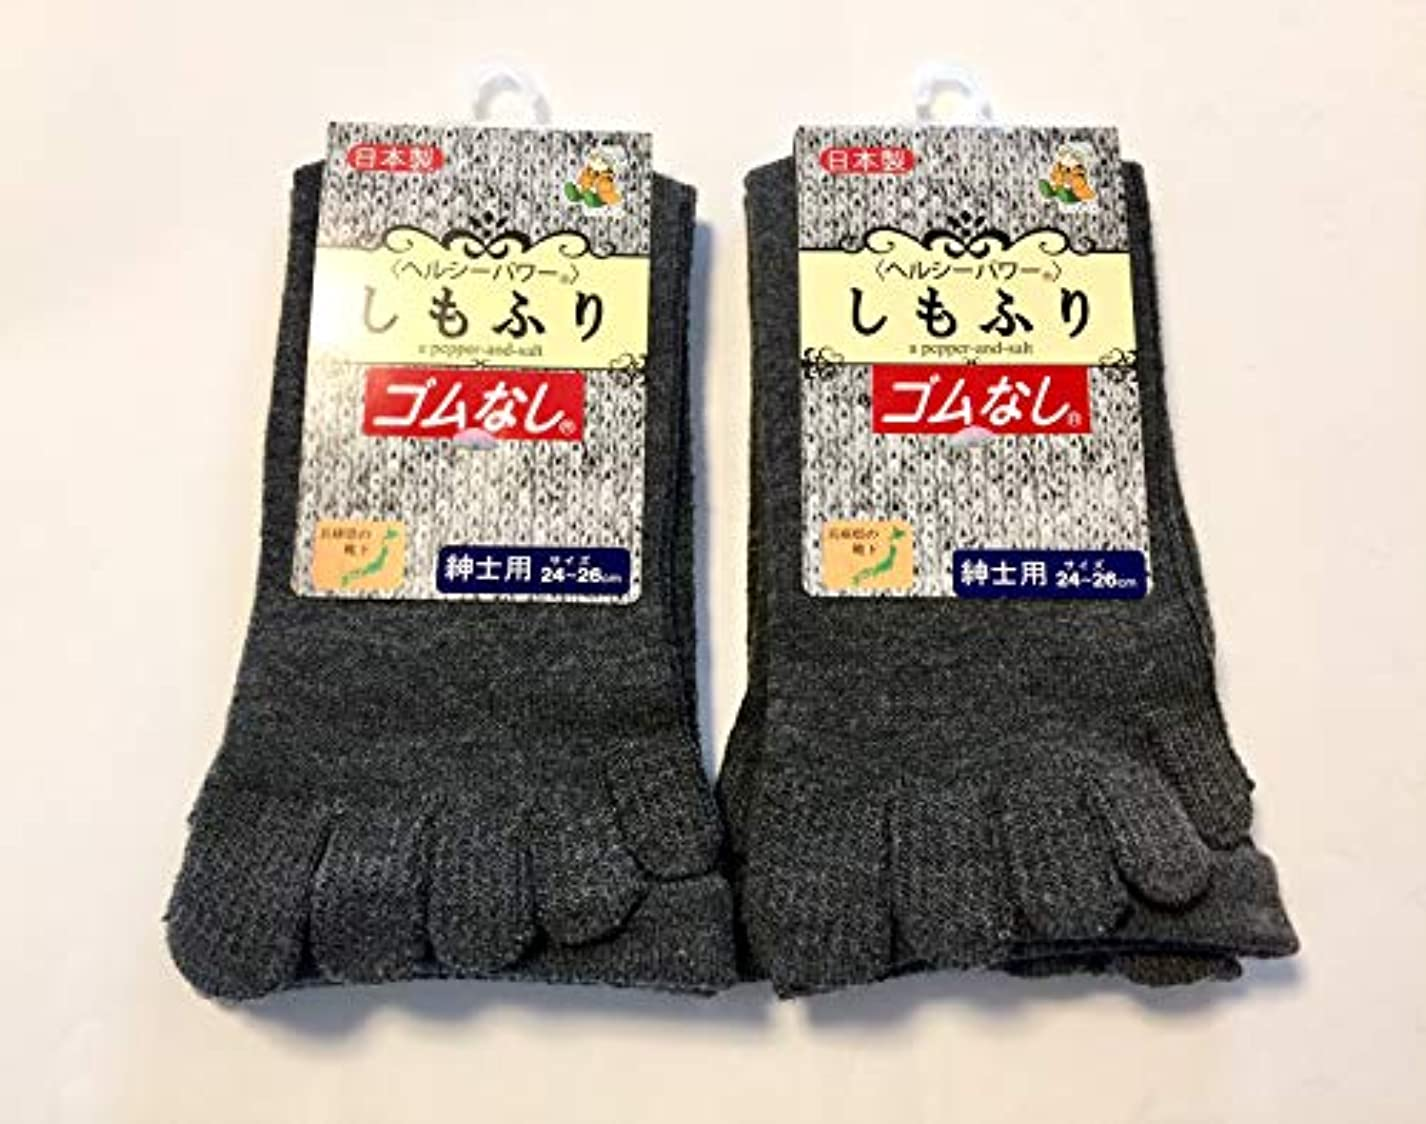 相関する砂の哲学的日本製 5本指ソックス メンズ 口ゴムなし しめつけない靴下 24~26cm チャコール2足組